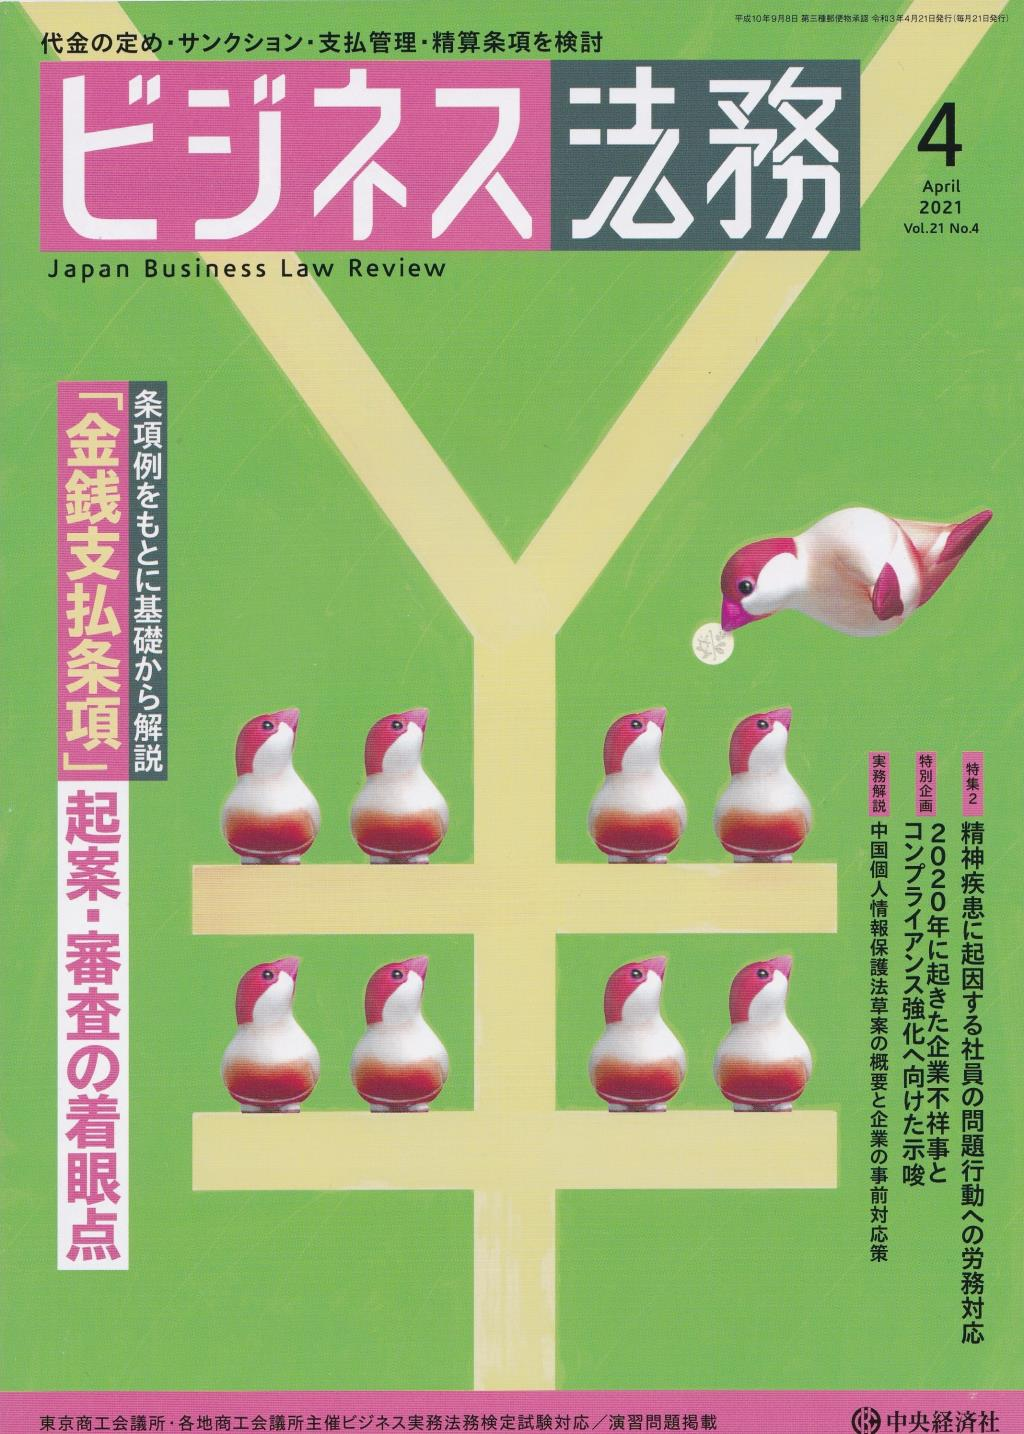 ビジネス法務 2021/4 Vol.21 No.4